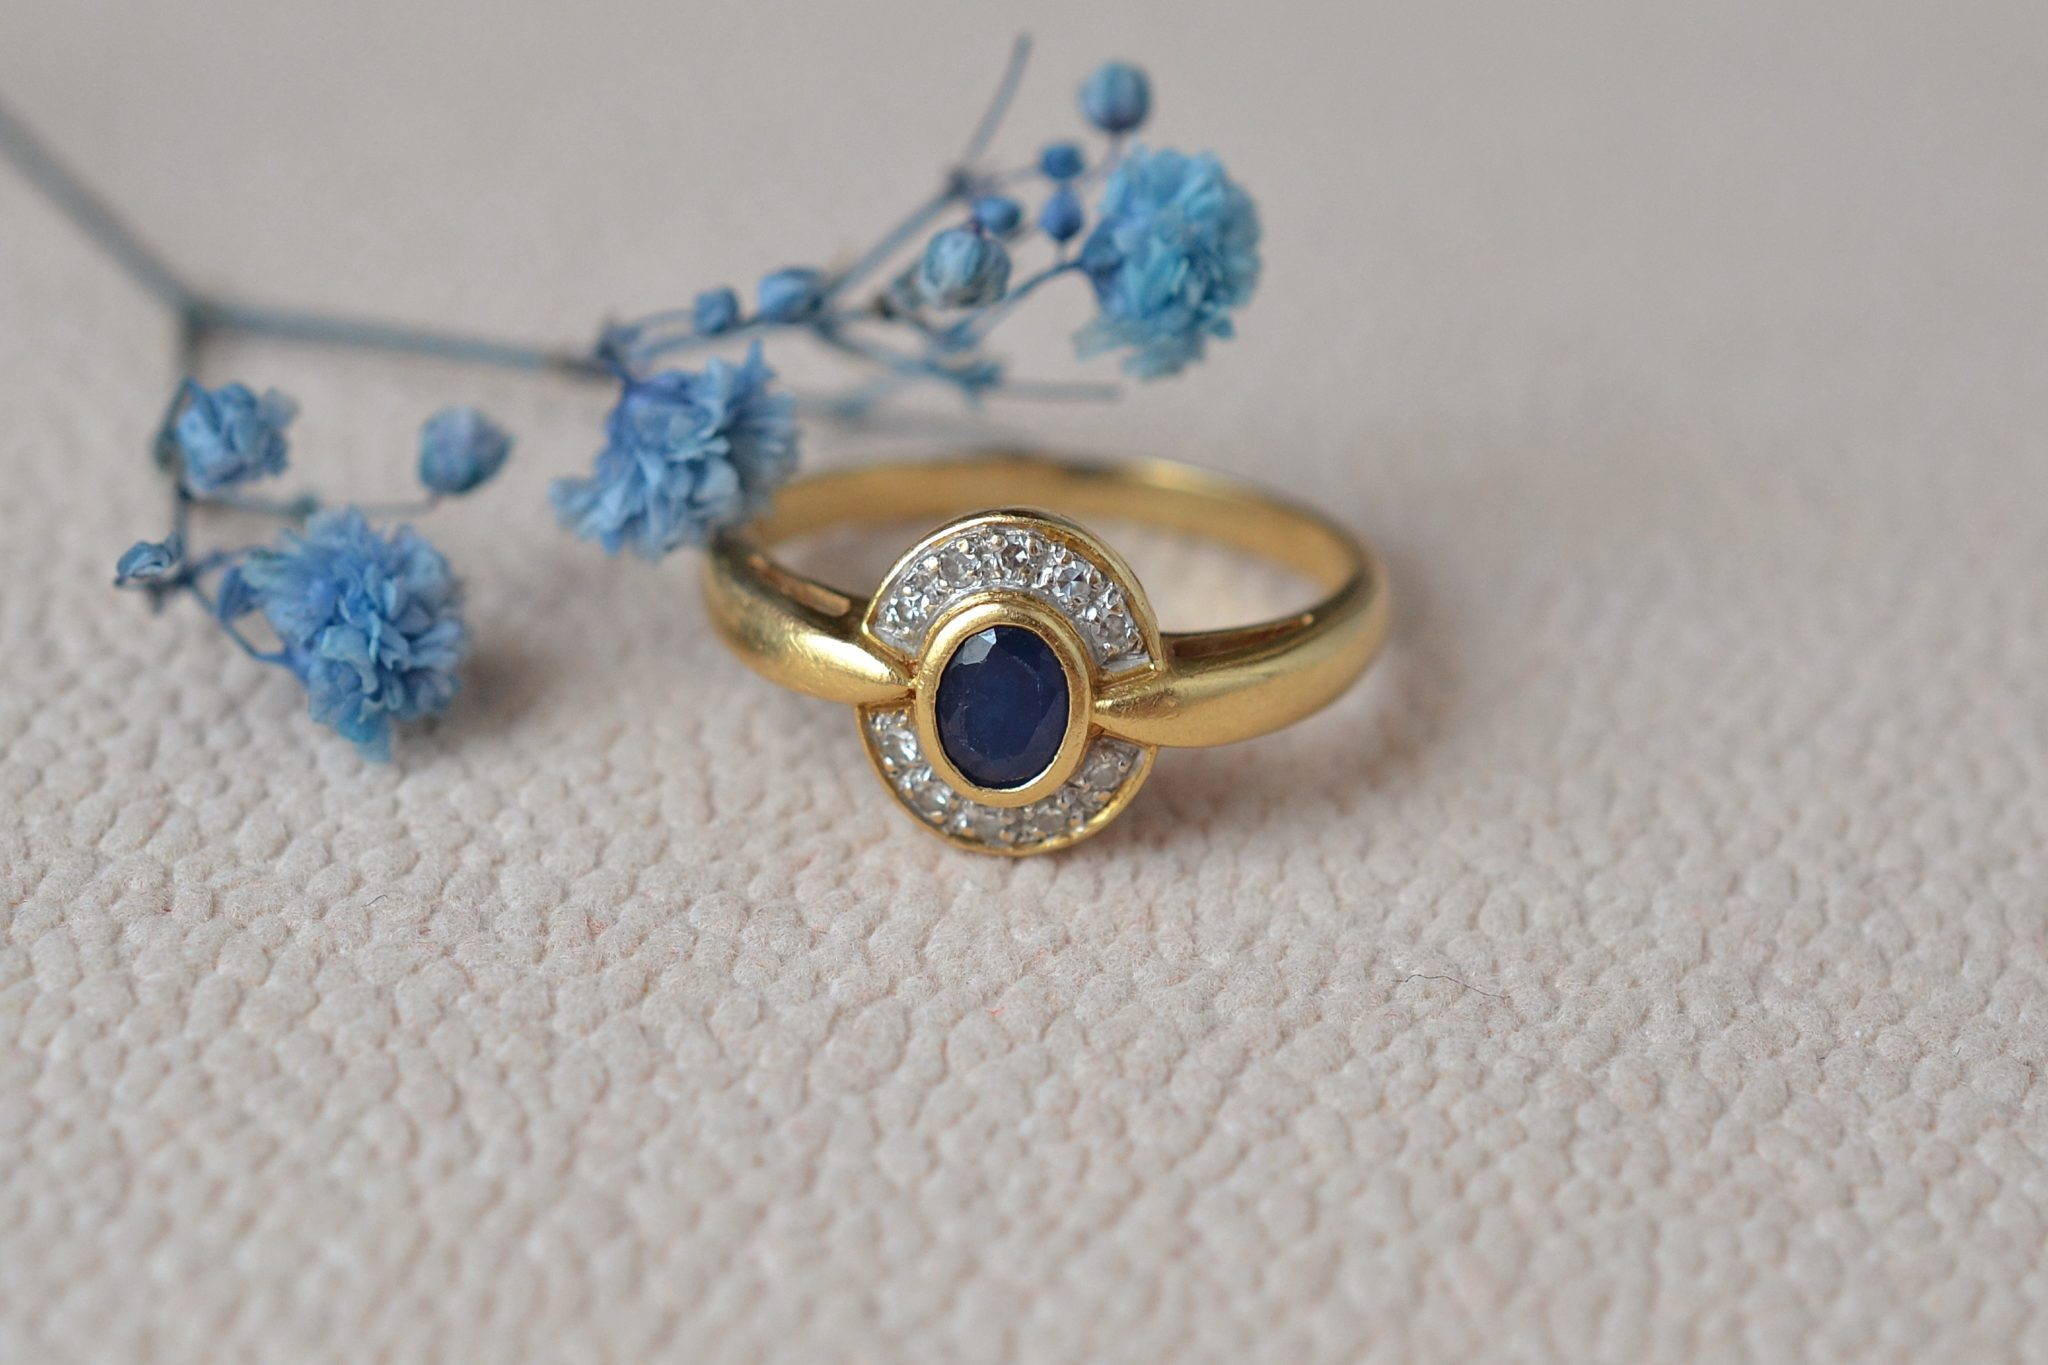 Bague monture en Or jaune sertie d_un saphir dans un entourage de diamants taille 8_8 - bague de fiançailles Vintage